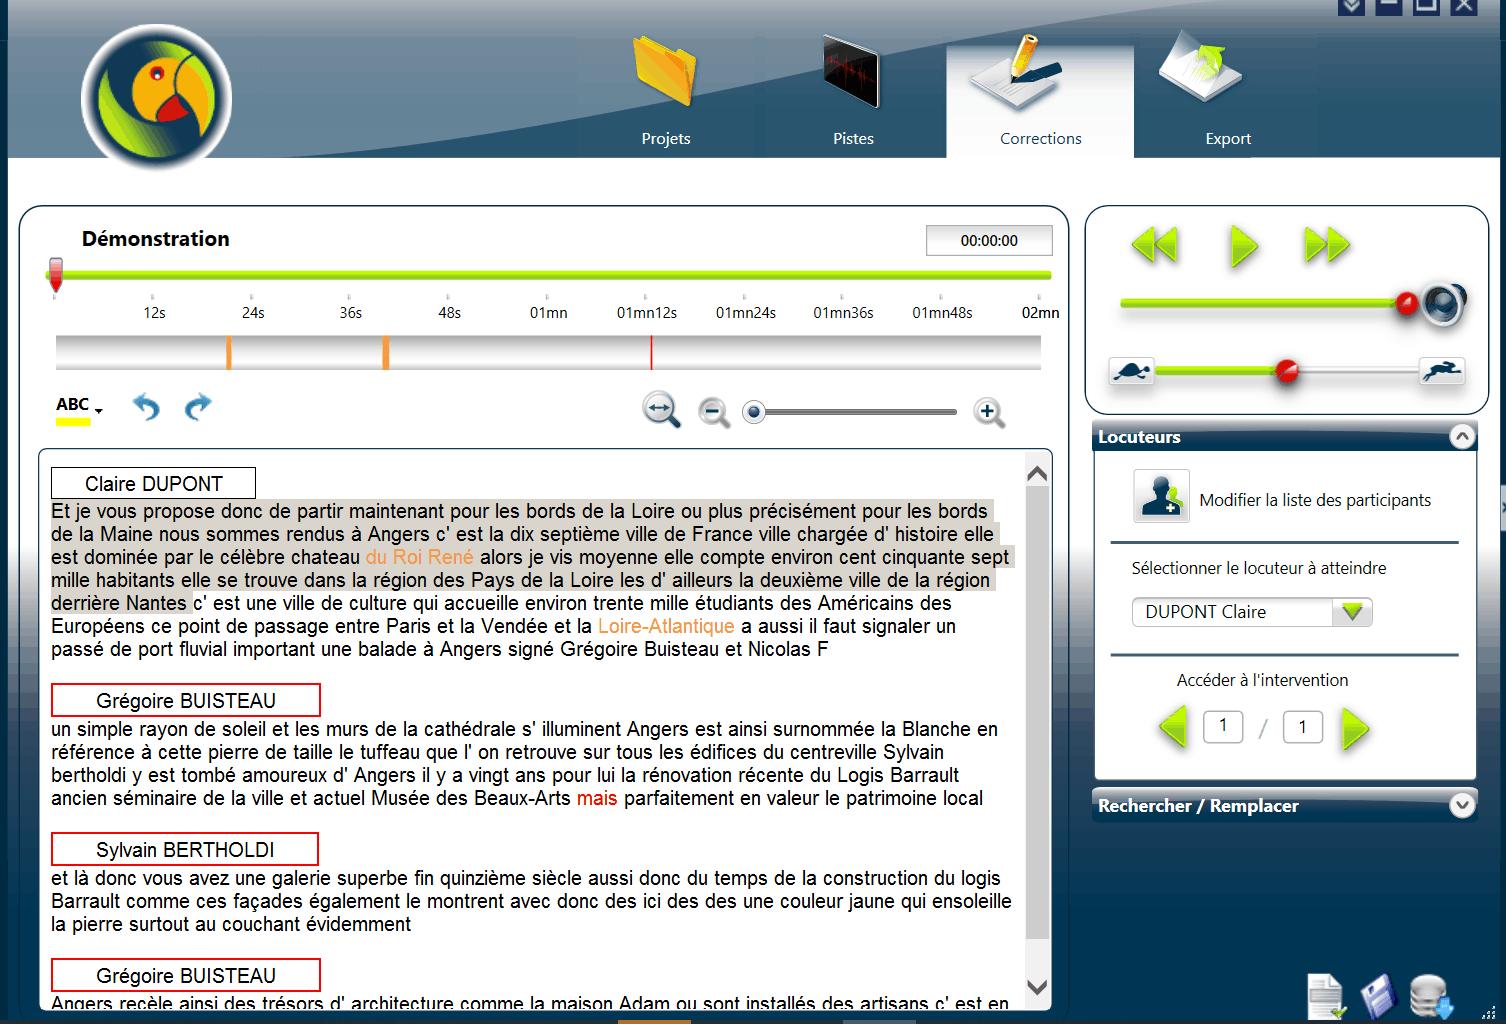 Logiciel de transcription automatique d'audio CAPTOO